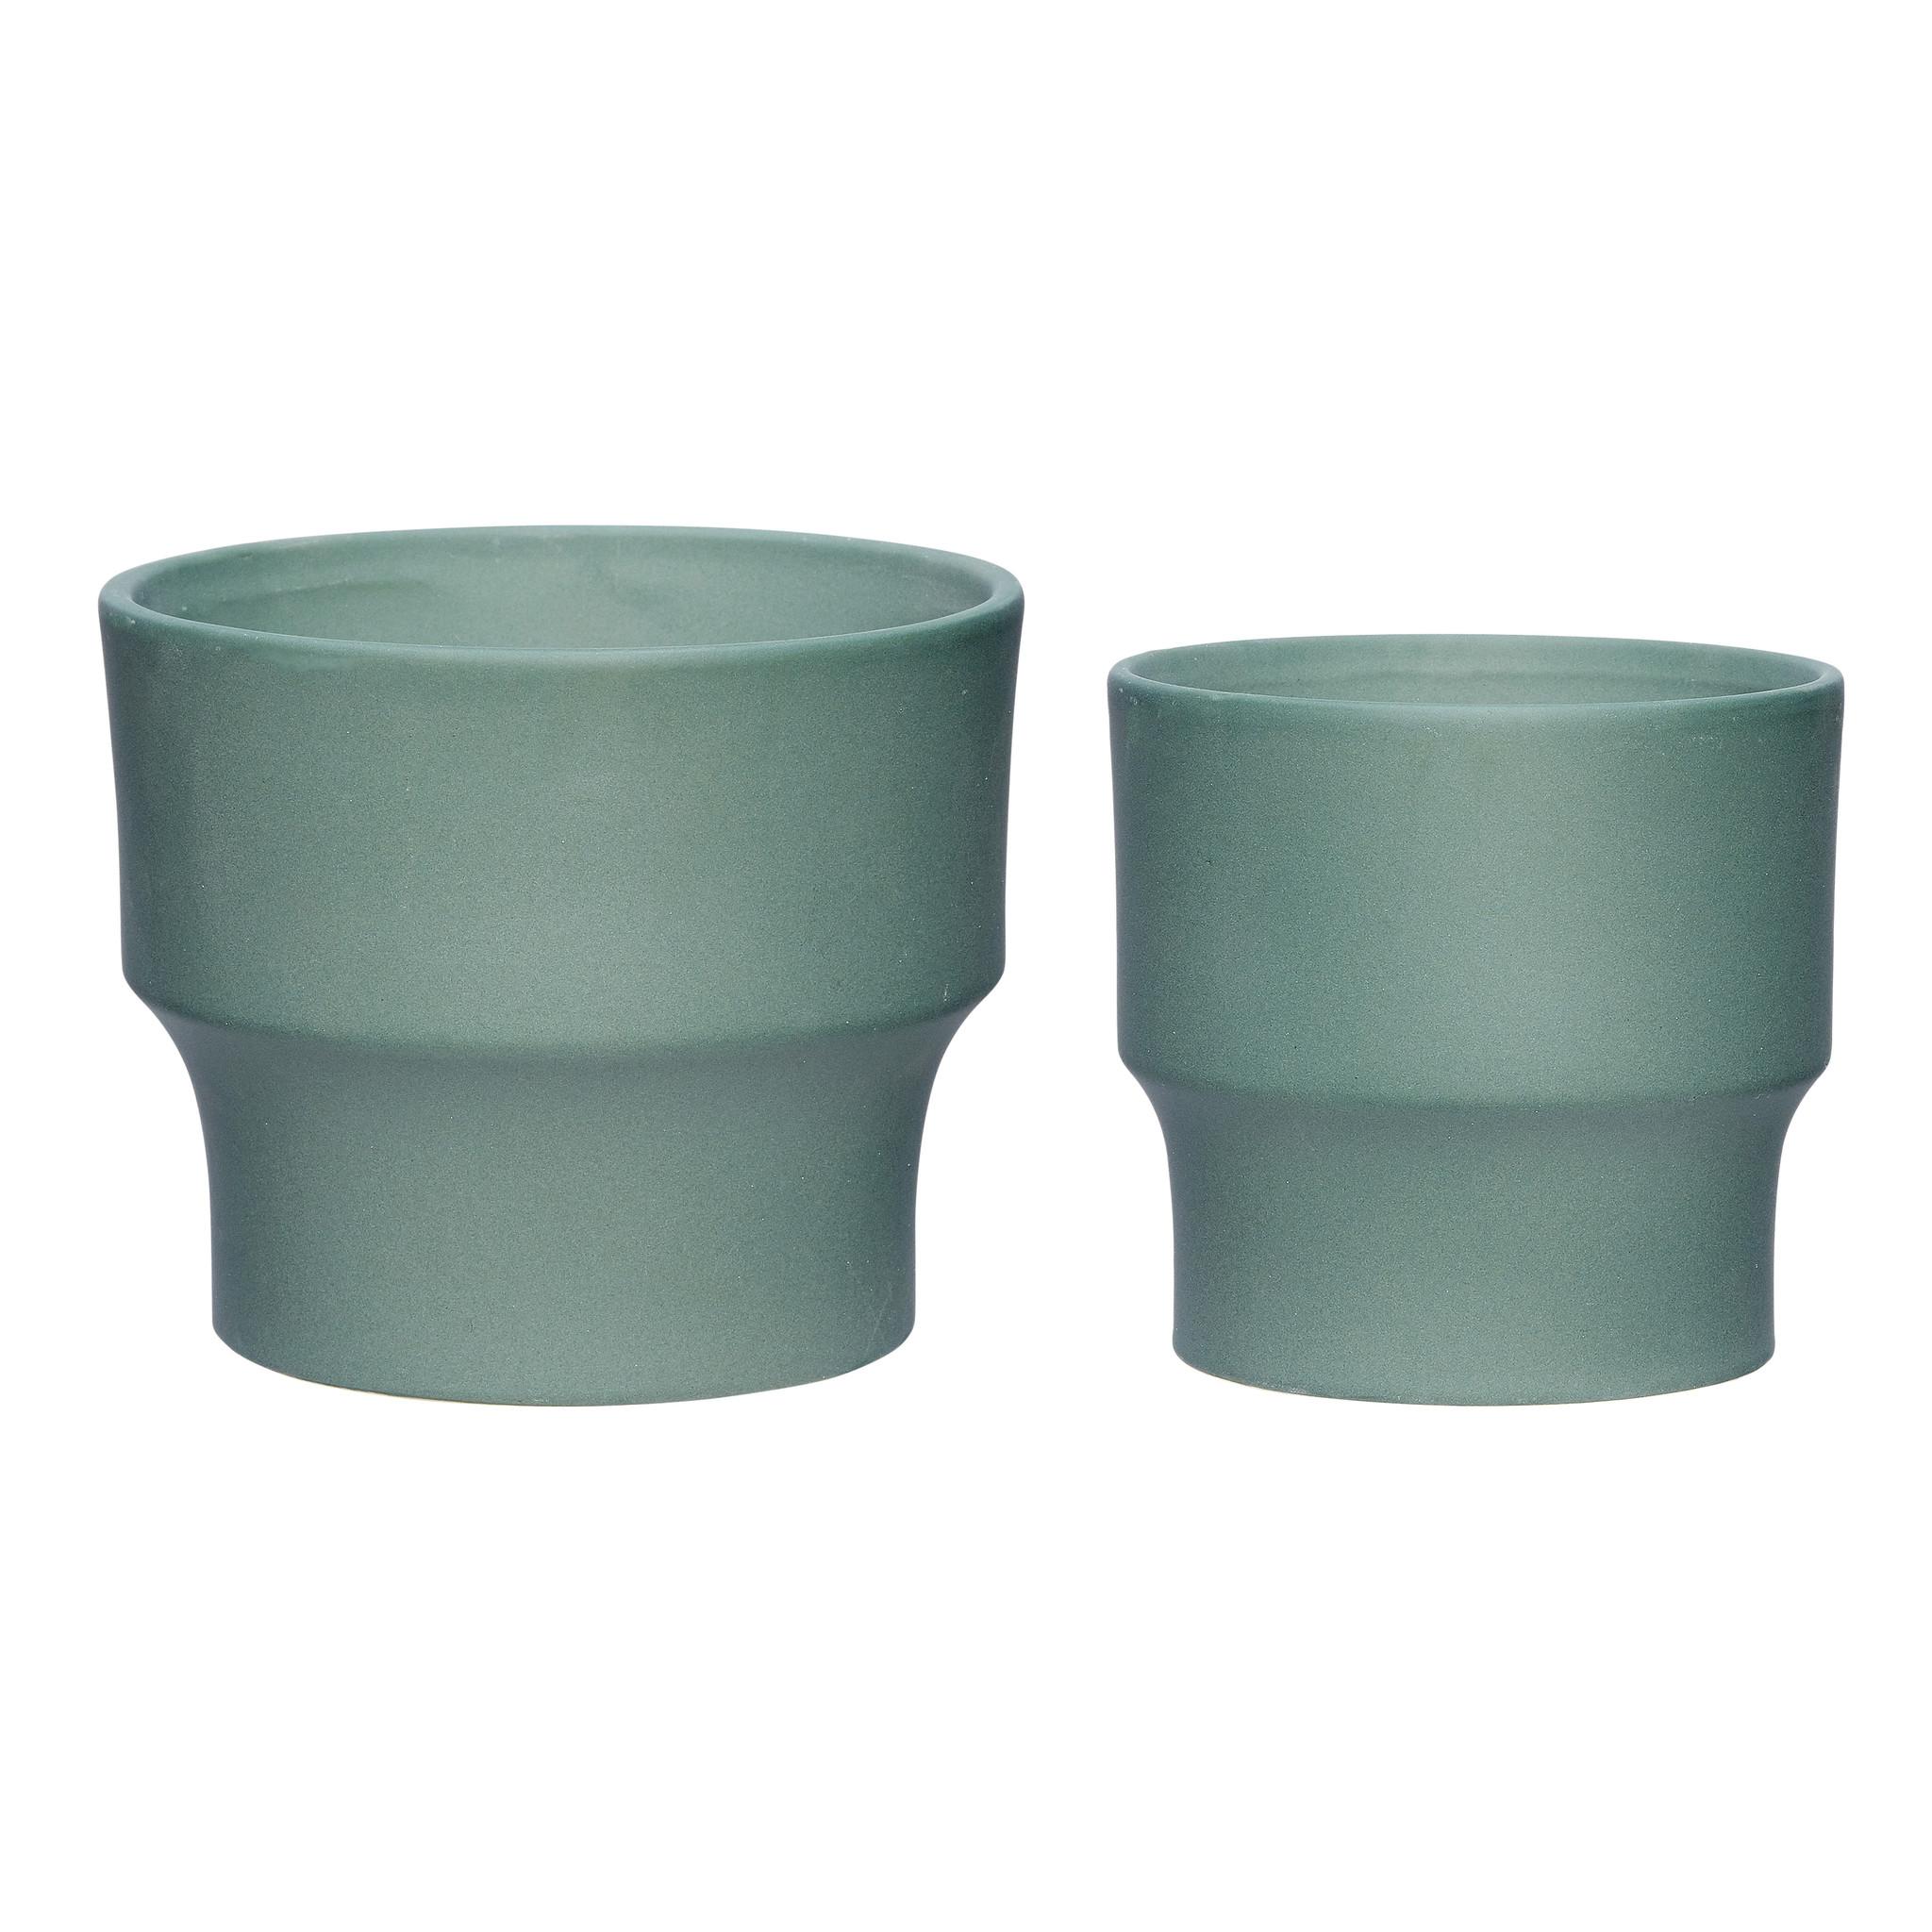 Hubsch Pot, romig, groen, set van 2